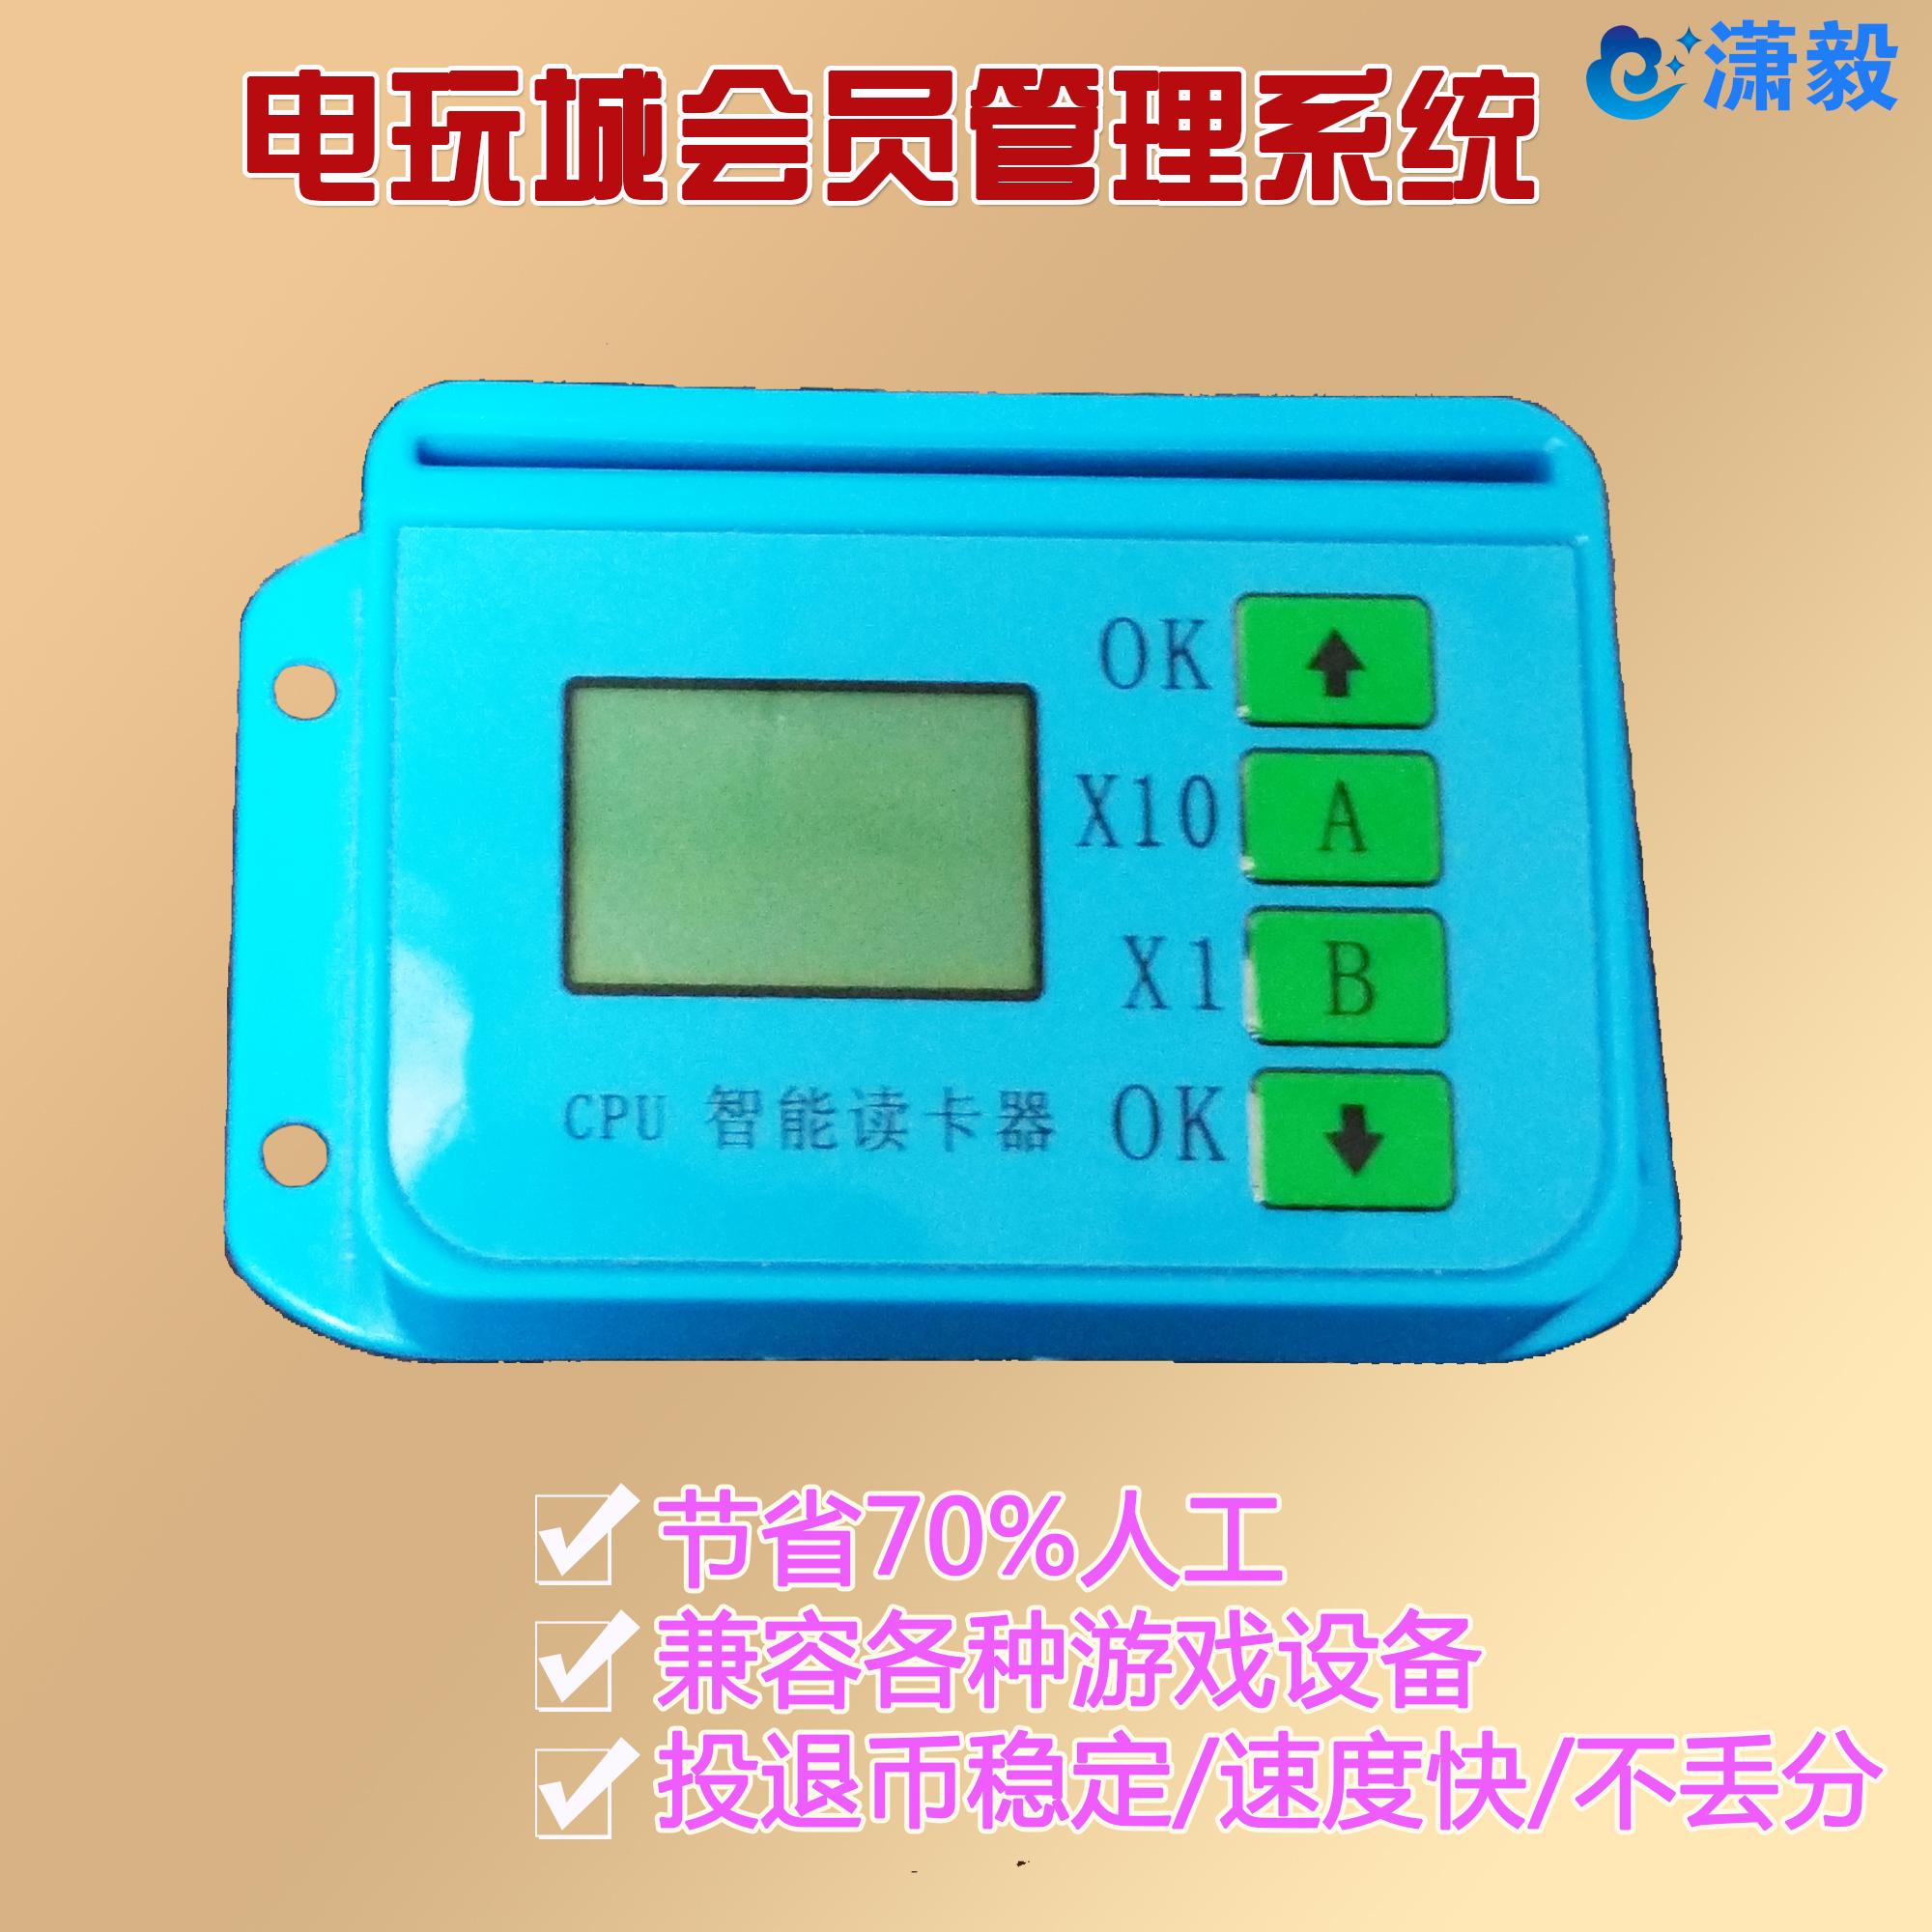 电玩城刷卡系统游戏机刷卡卡头价格